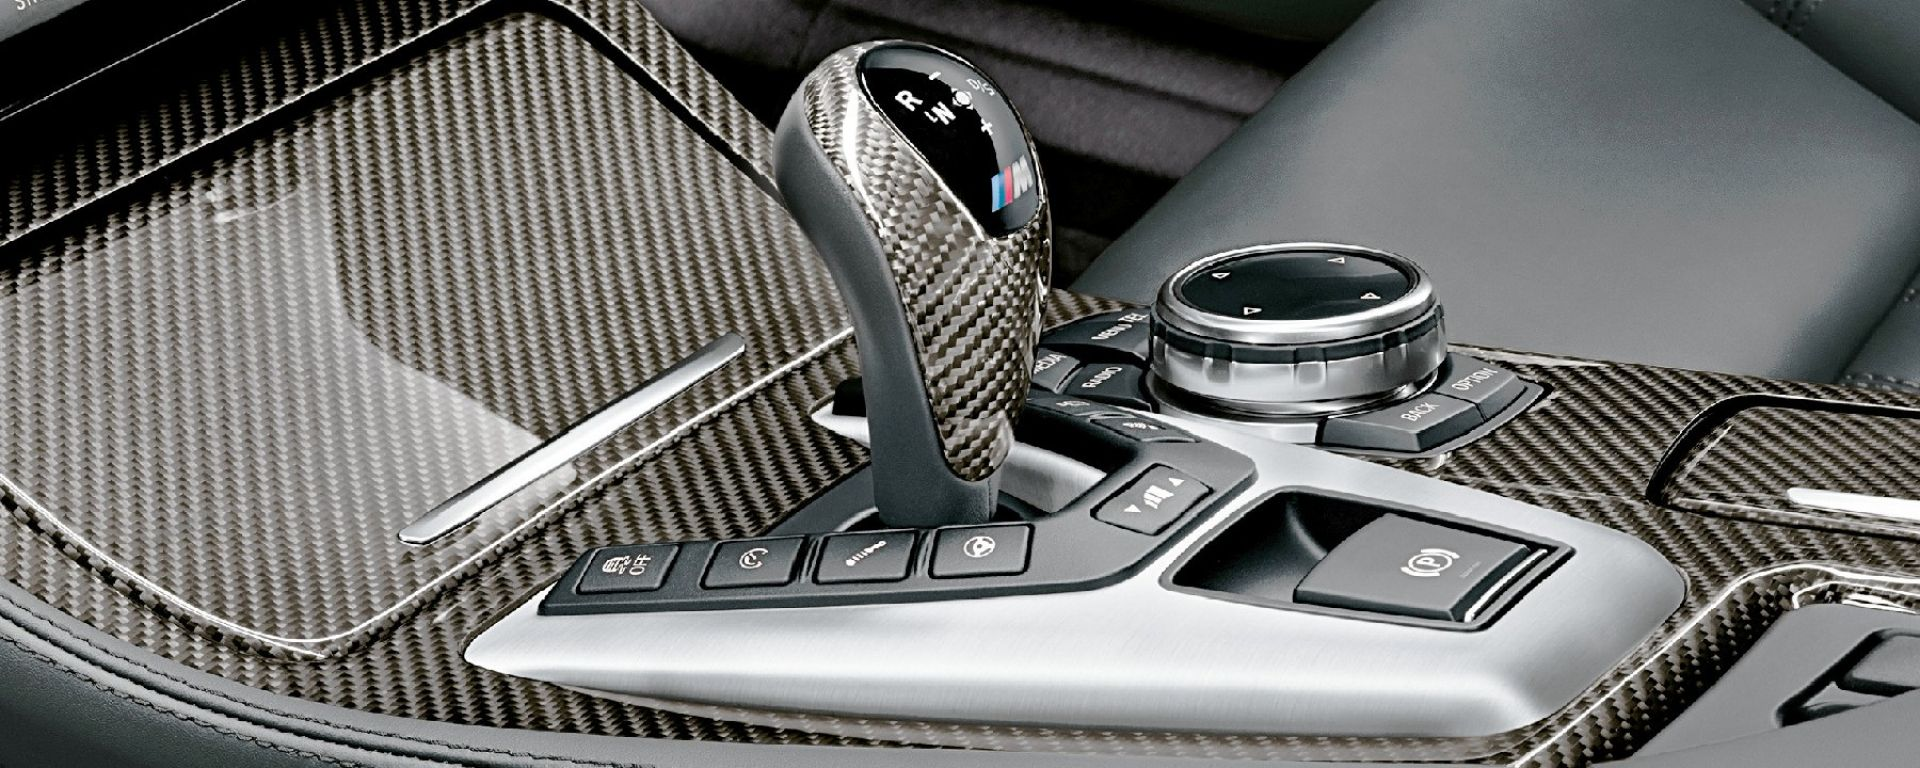 Bmw bandisce il cambio manuale dalle M5 e M6